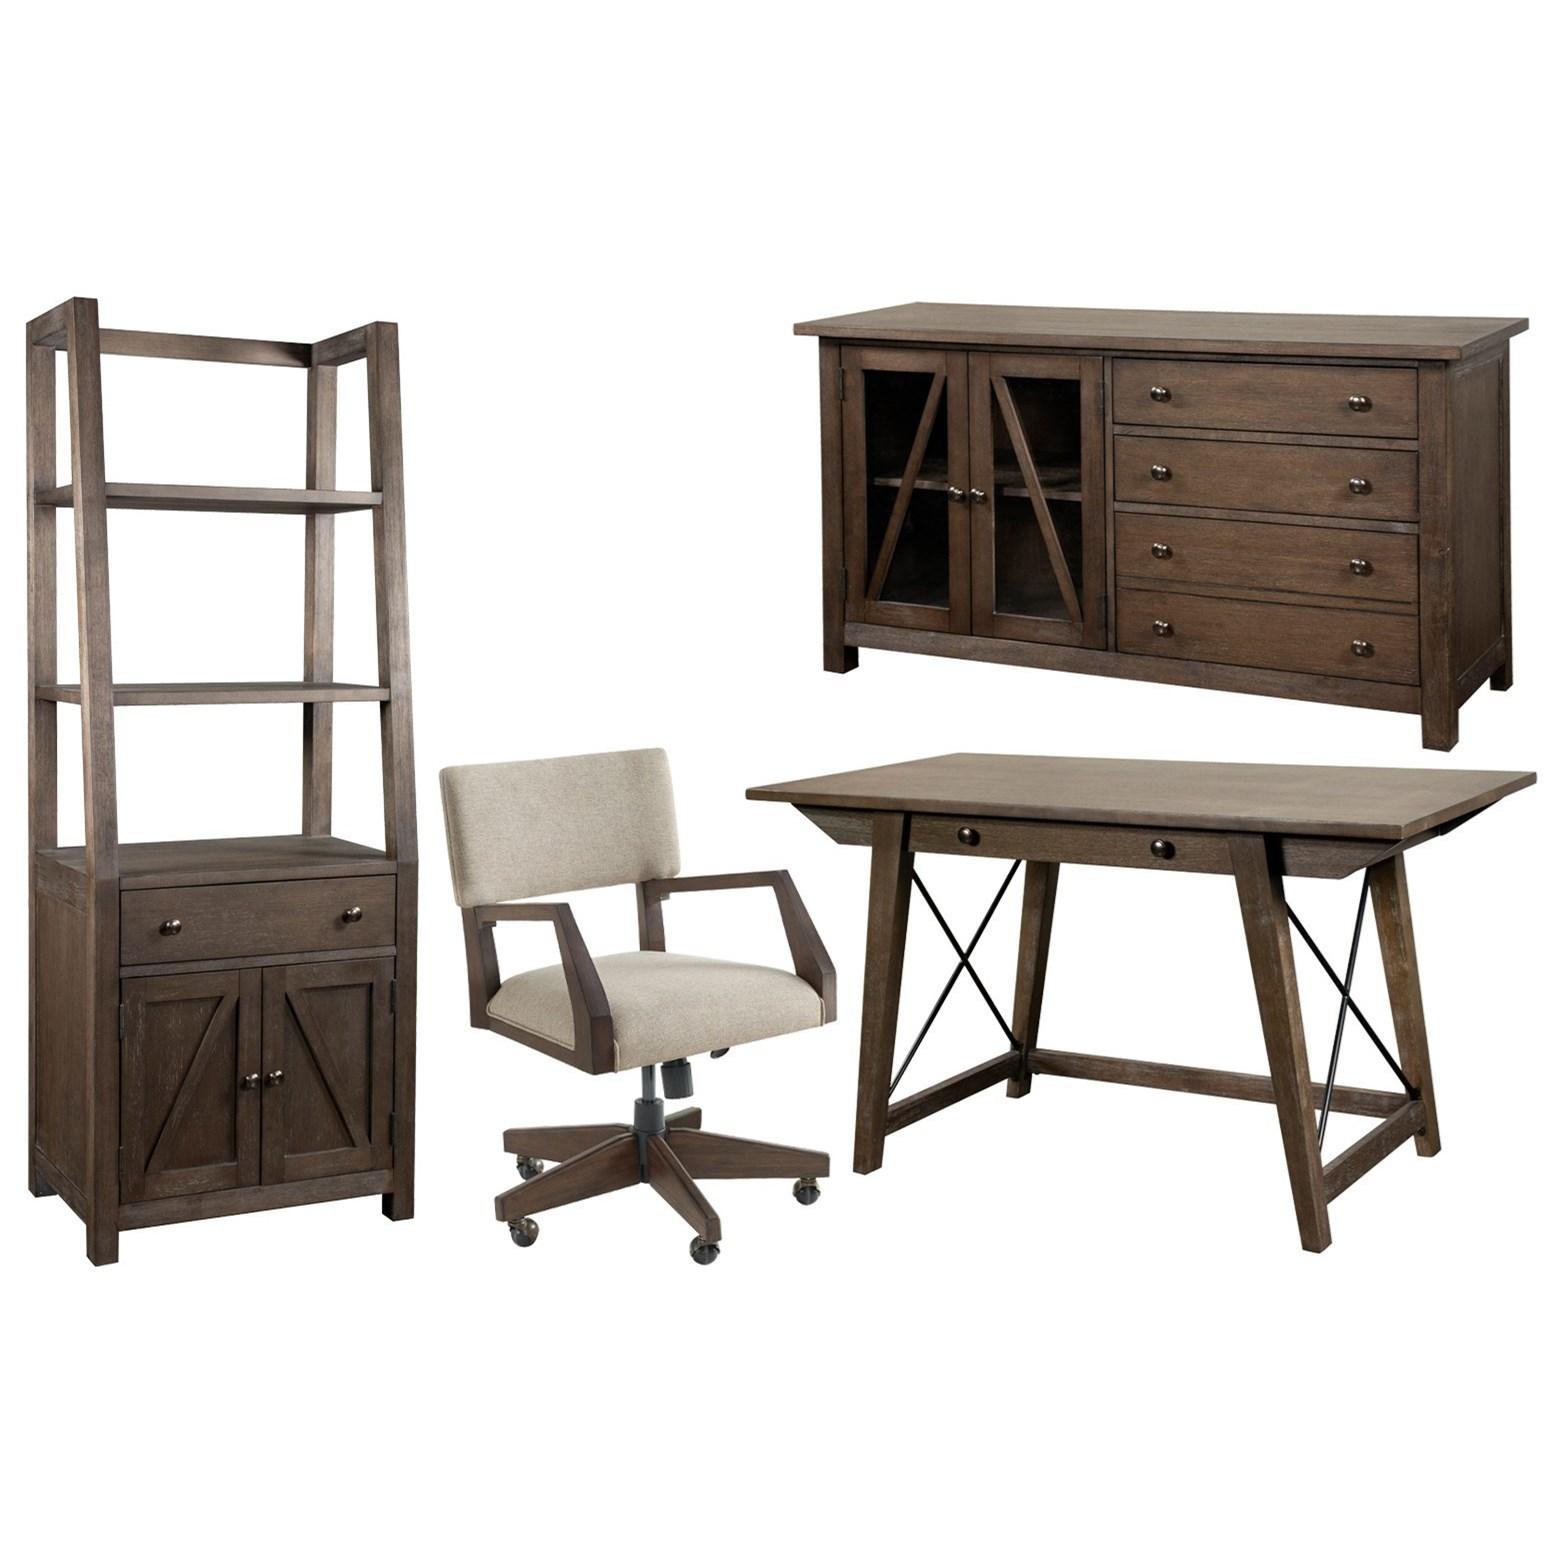 Riverside Furniture Sheffield Transitional Upholstered